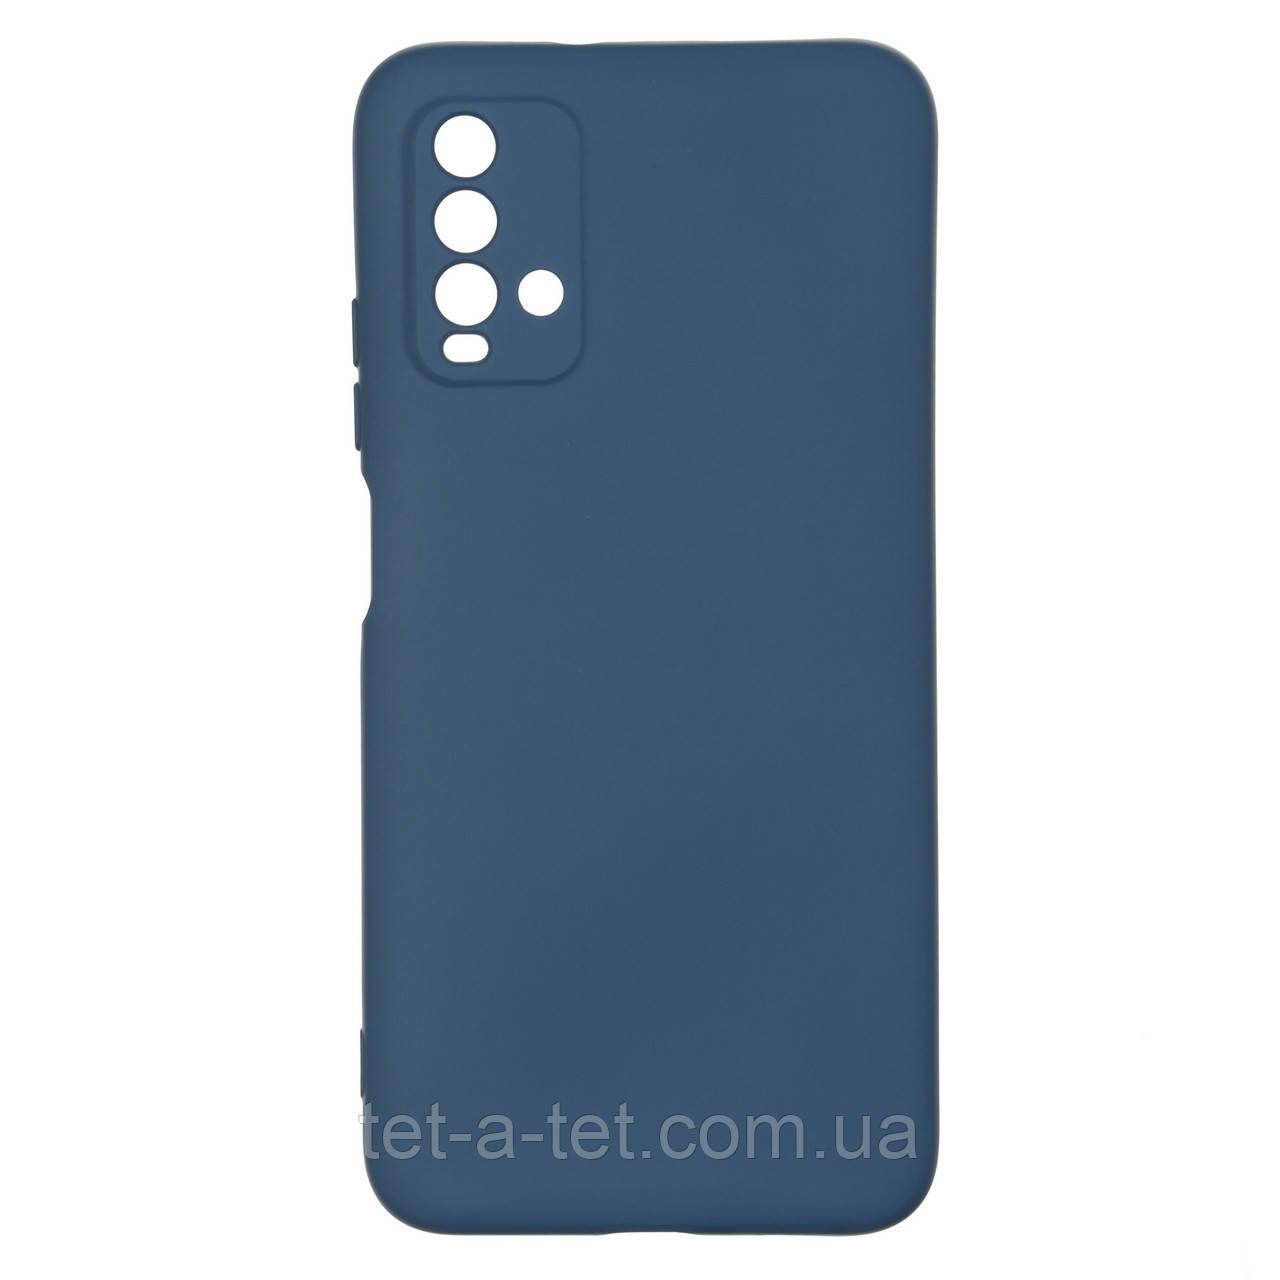 Чехол силиконовый ArmorStandart ICON Case for Xiaomi Redmi 9T Dark Blue